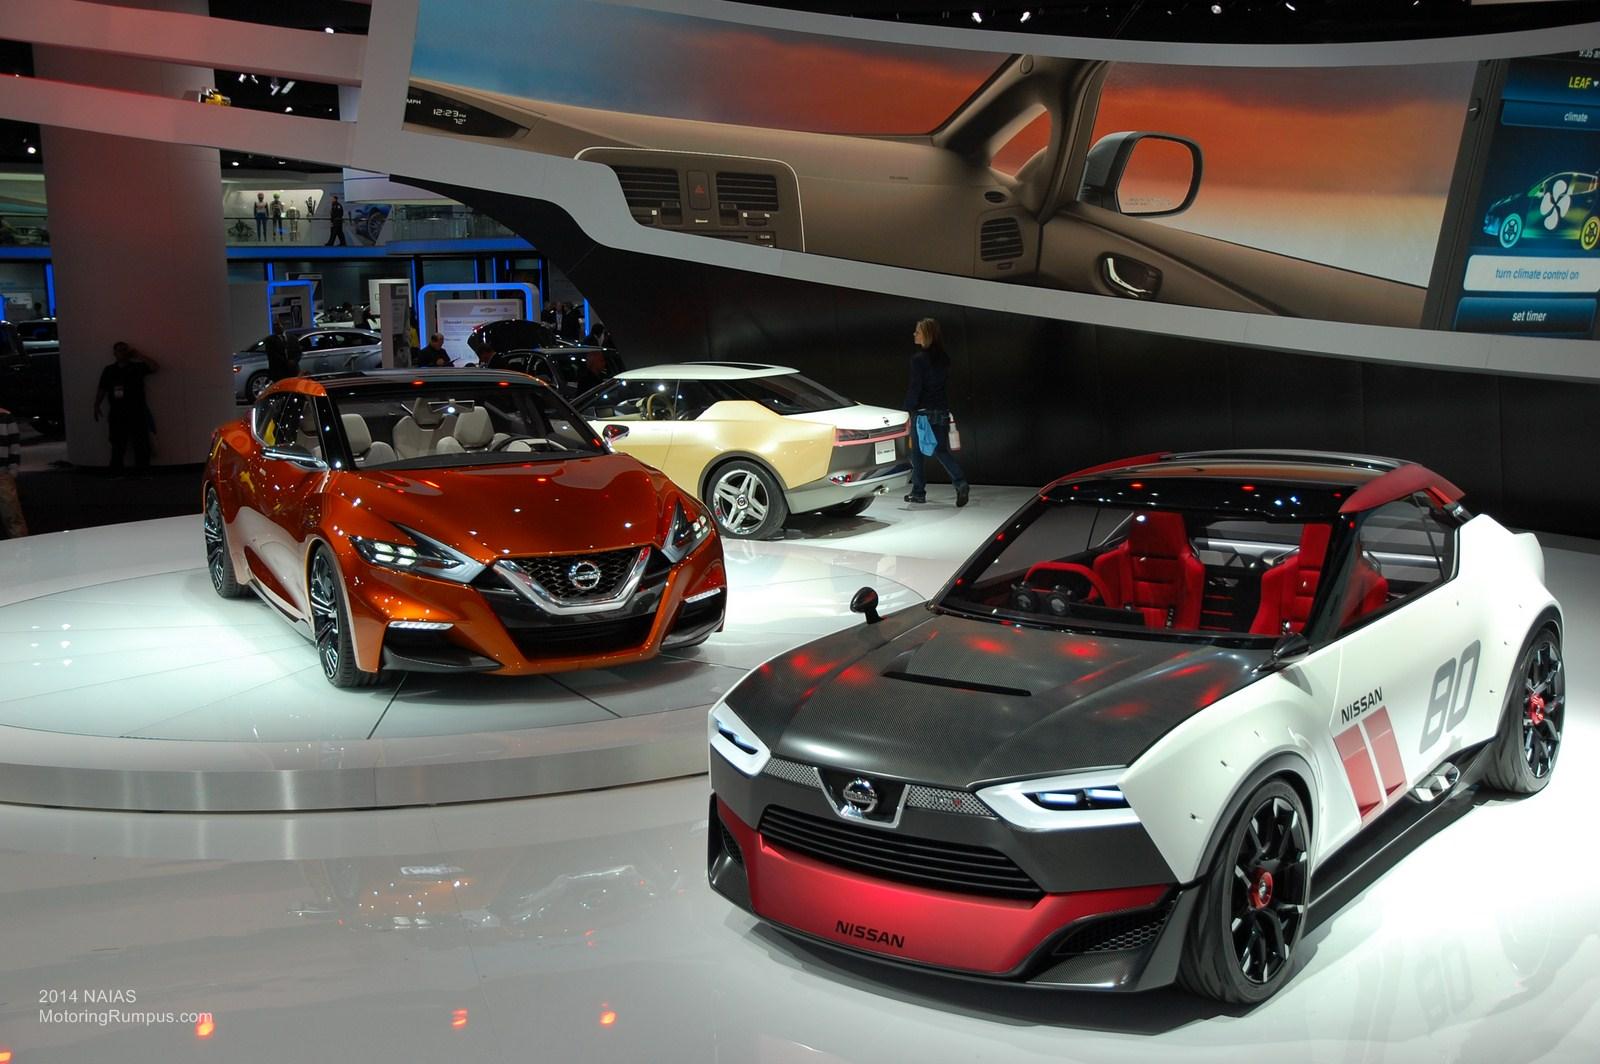 2014 NAIAS Nissan Concepts